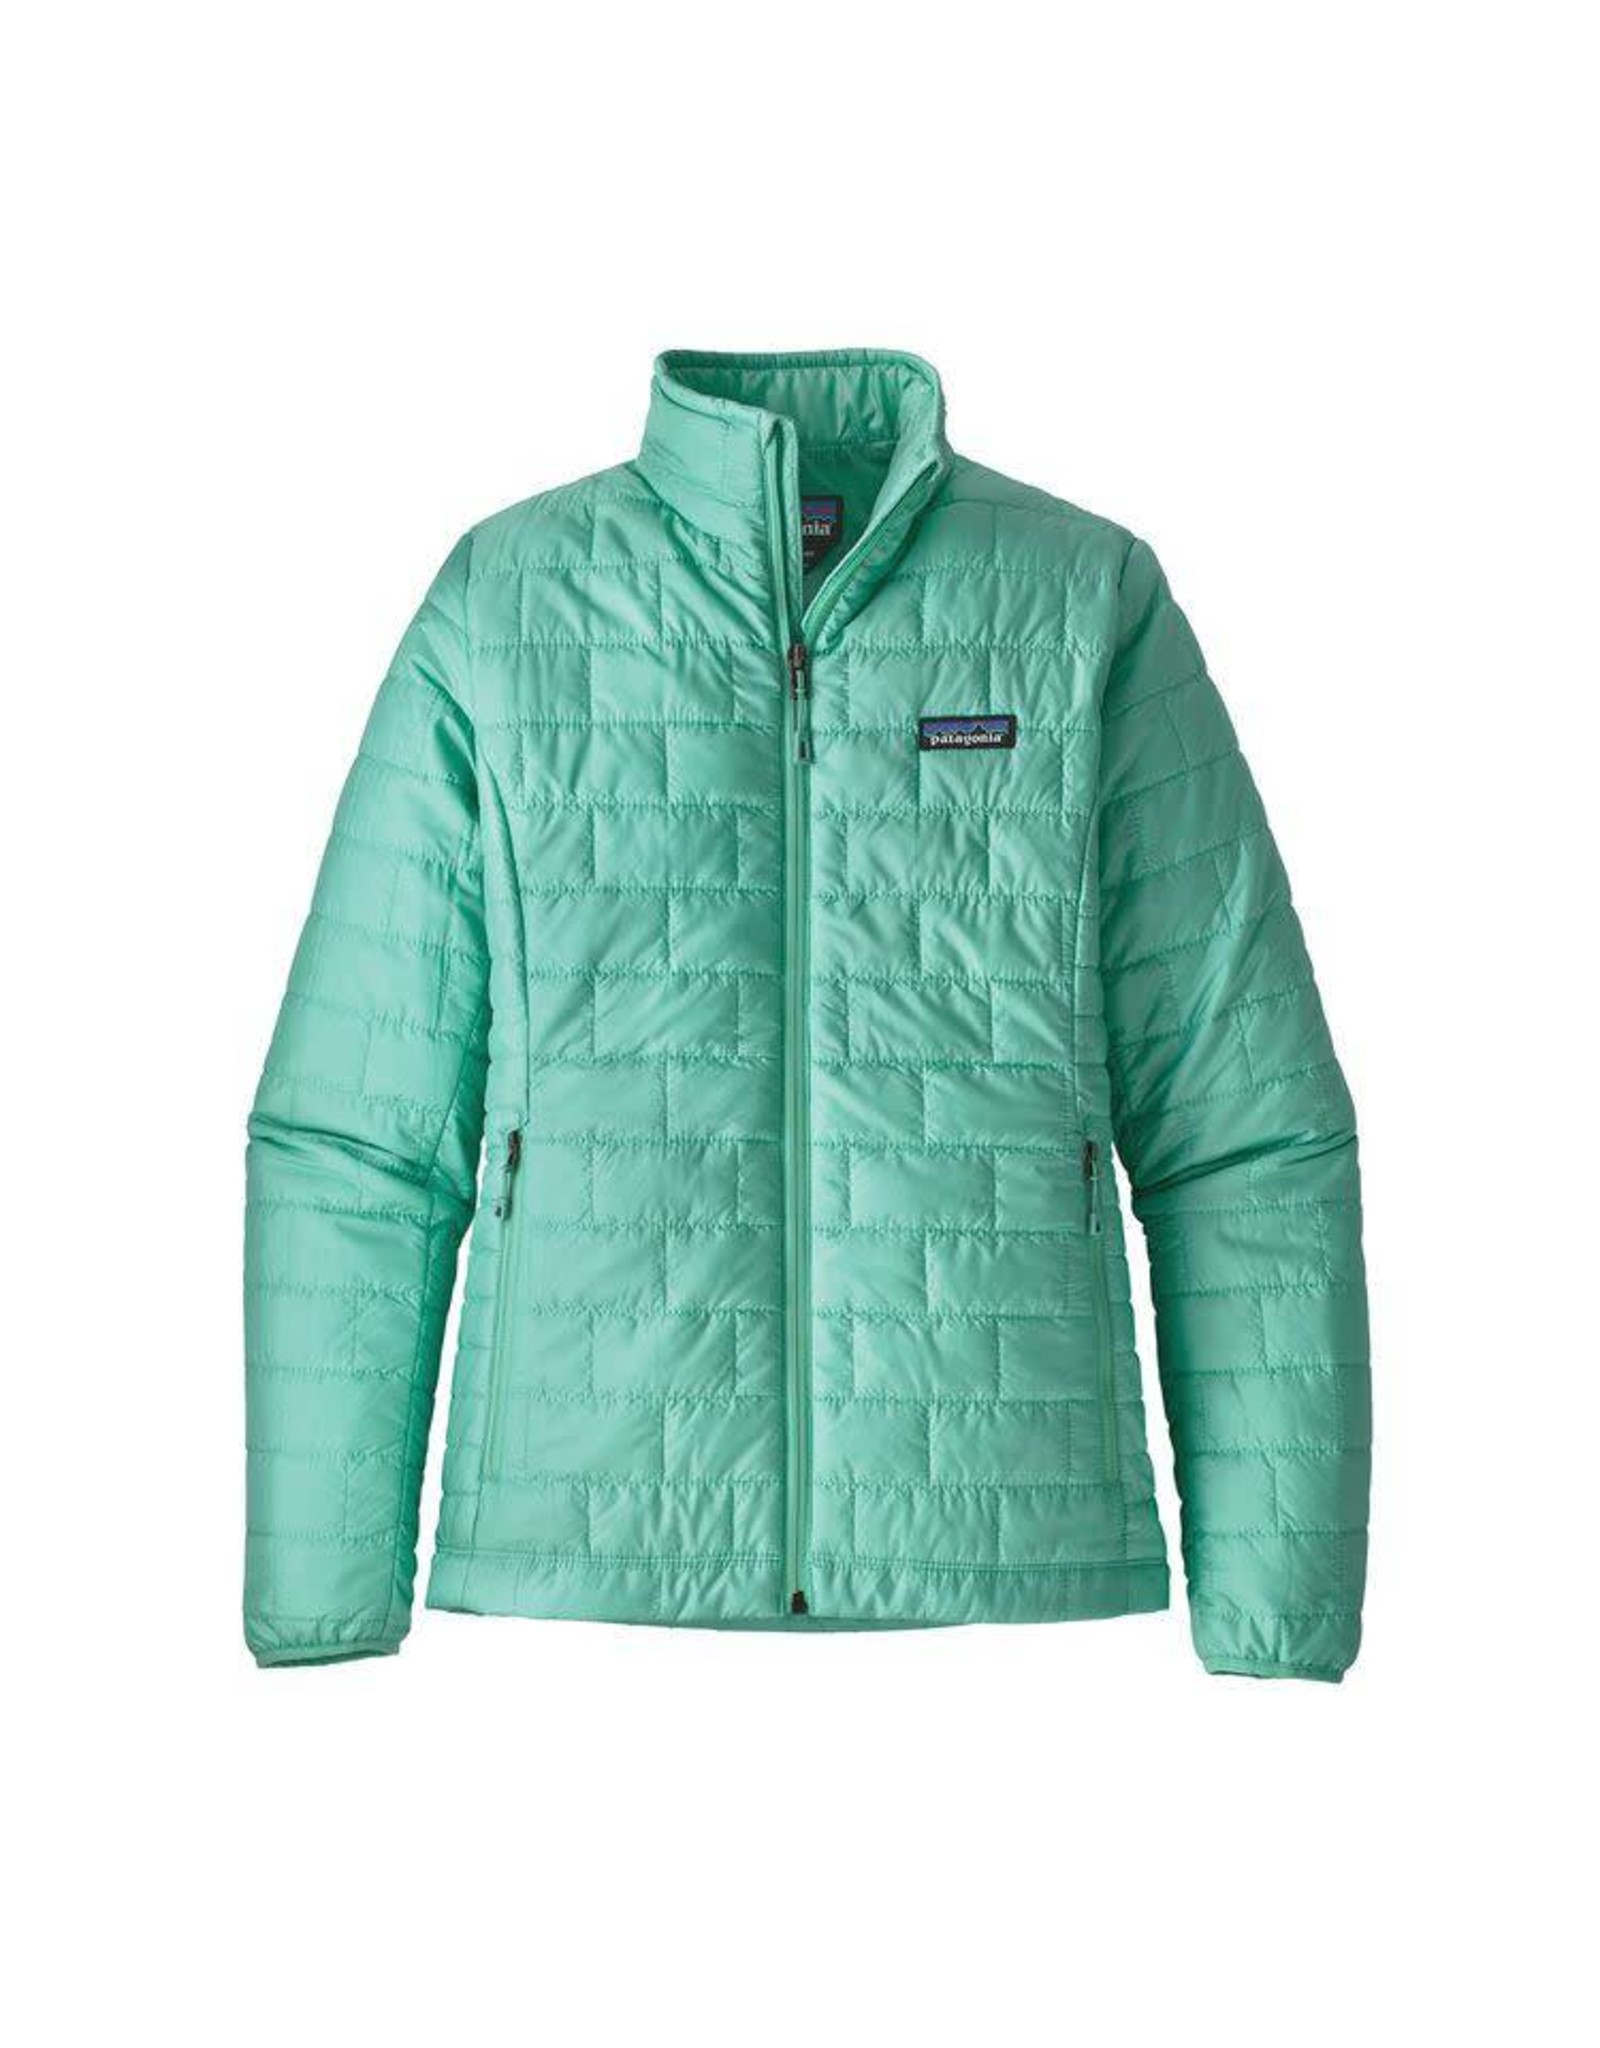 Patagonia Patagonia W's Nano Puff Jacket